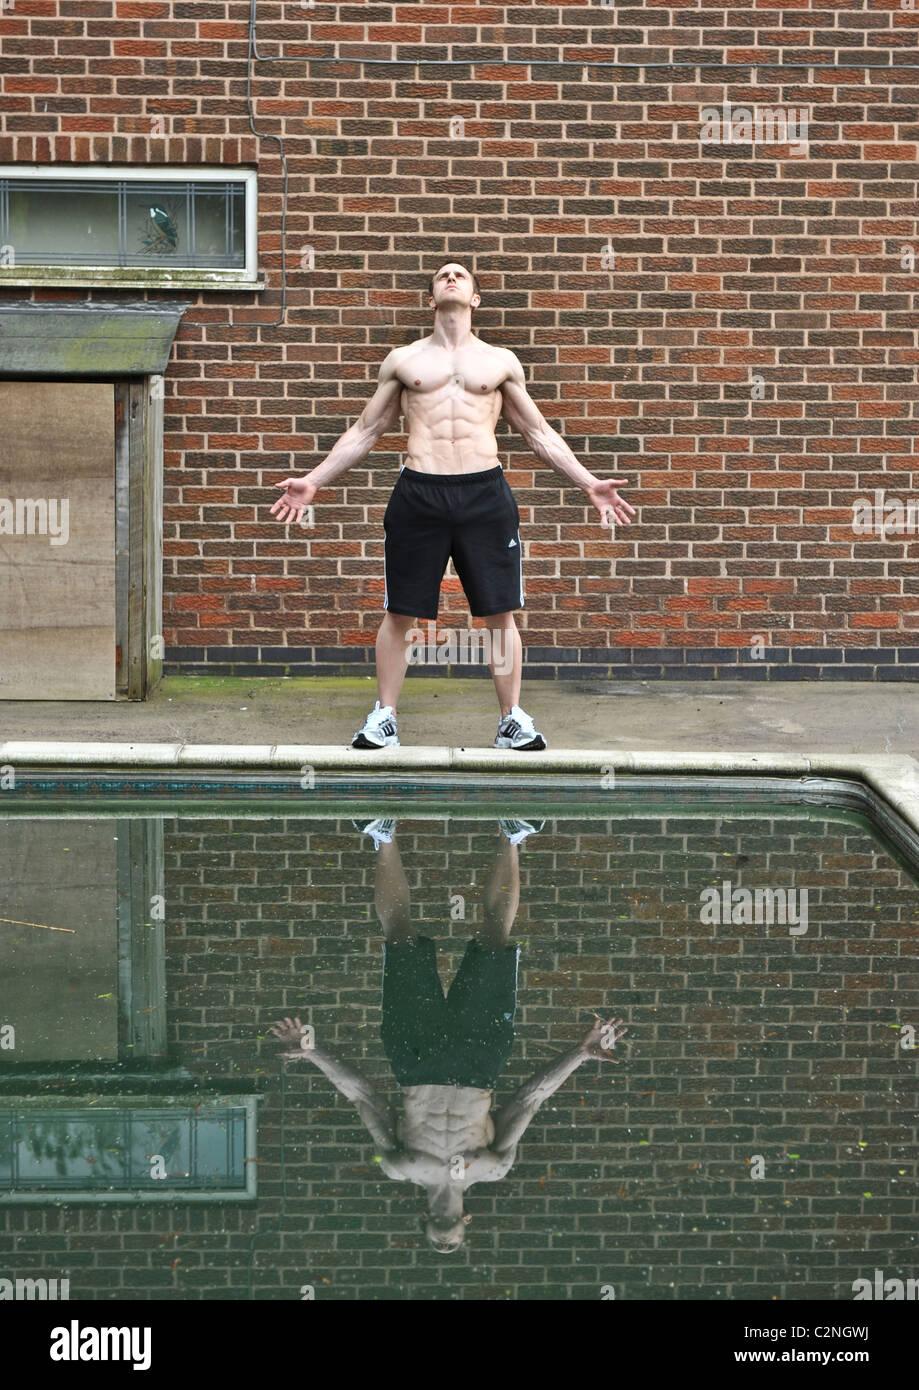 Forte atleta professionista che esercitano da piscina per il bodybuilding per migliorare la salute concetto, fiducia Immagini Stock